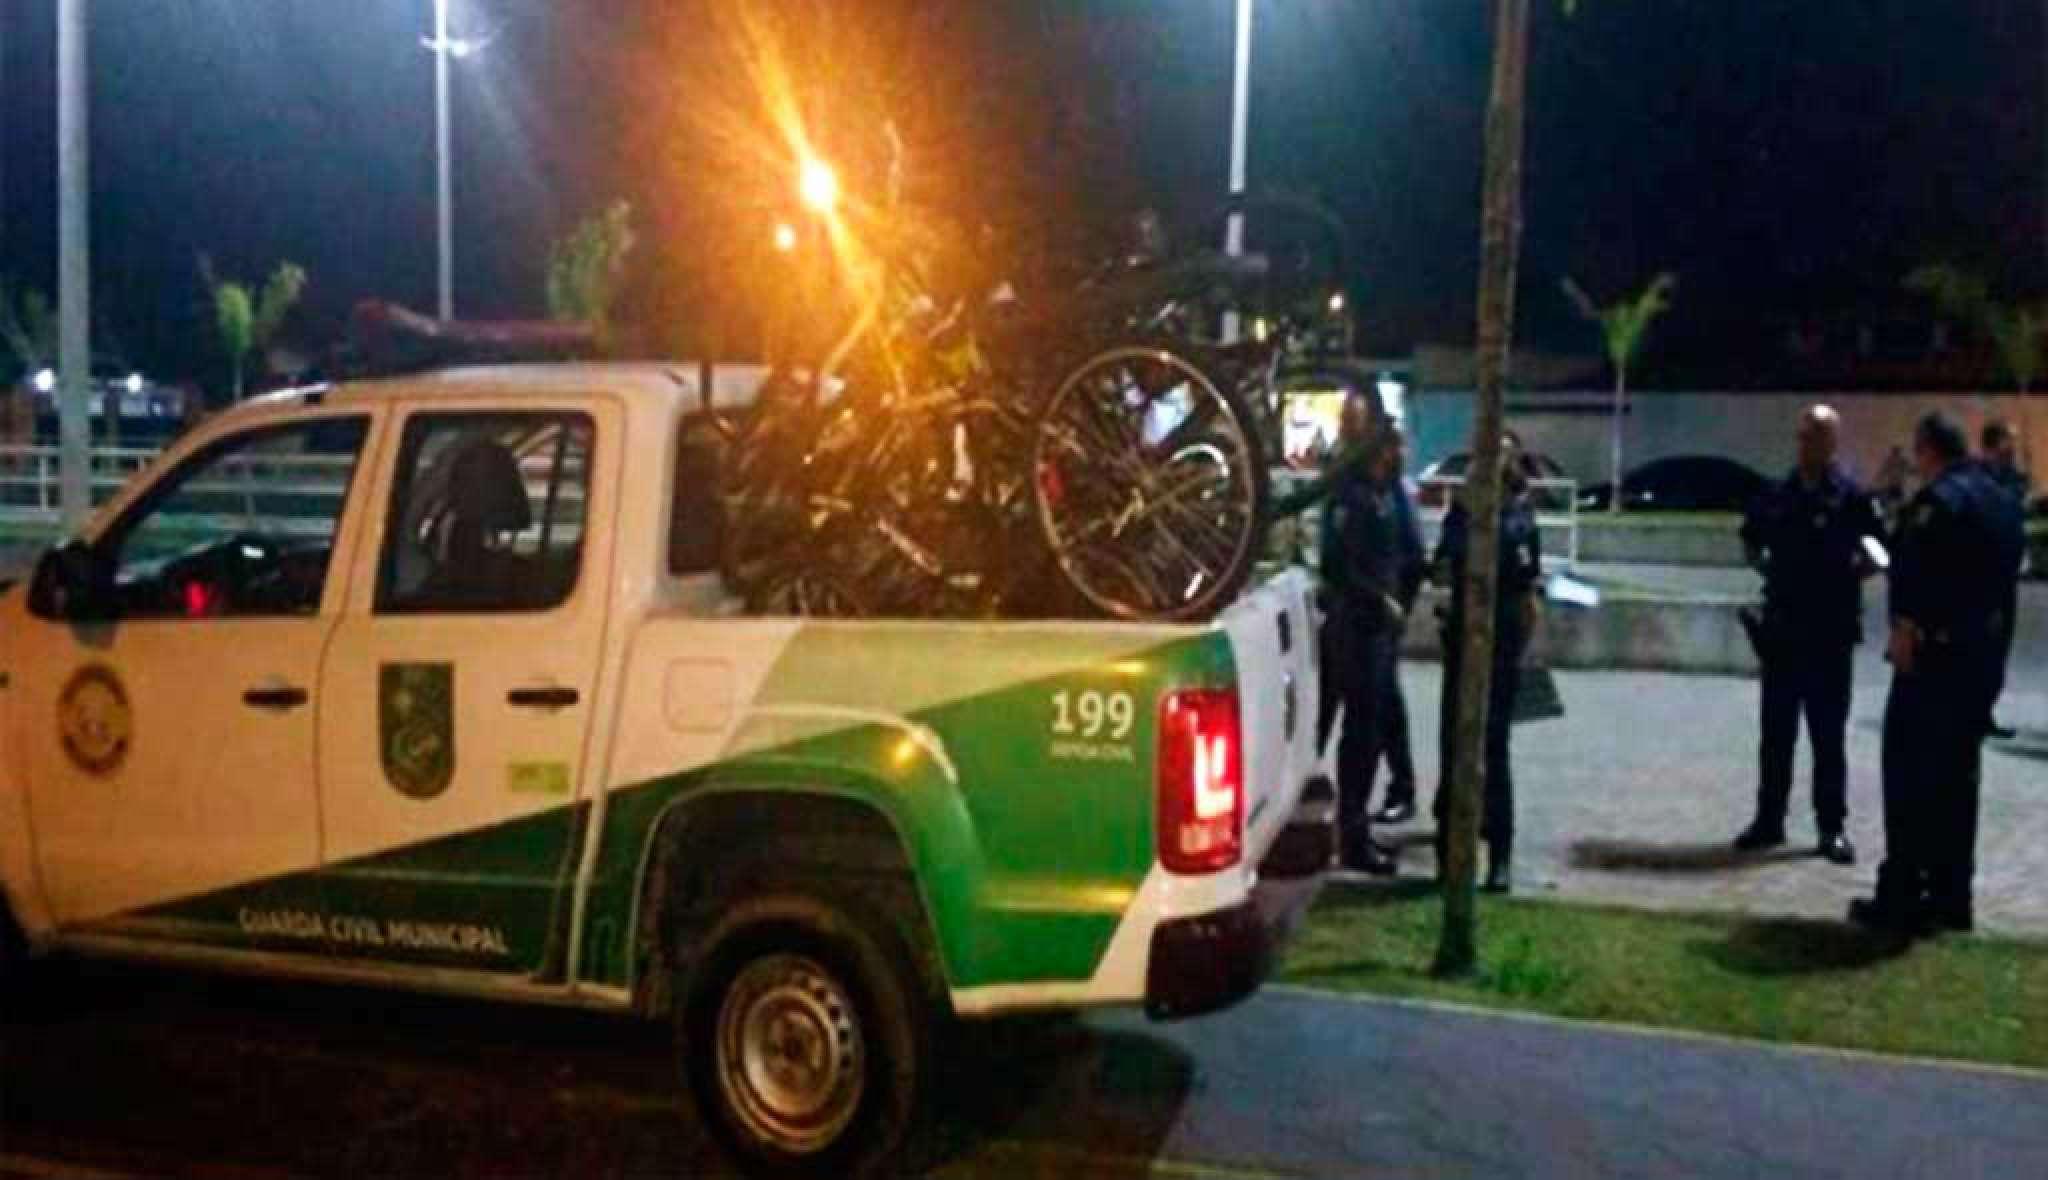 Bicicletas são apreendidas em Praia Grande por cicular sem nota fiscal ou registro na prefeitura